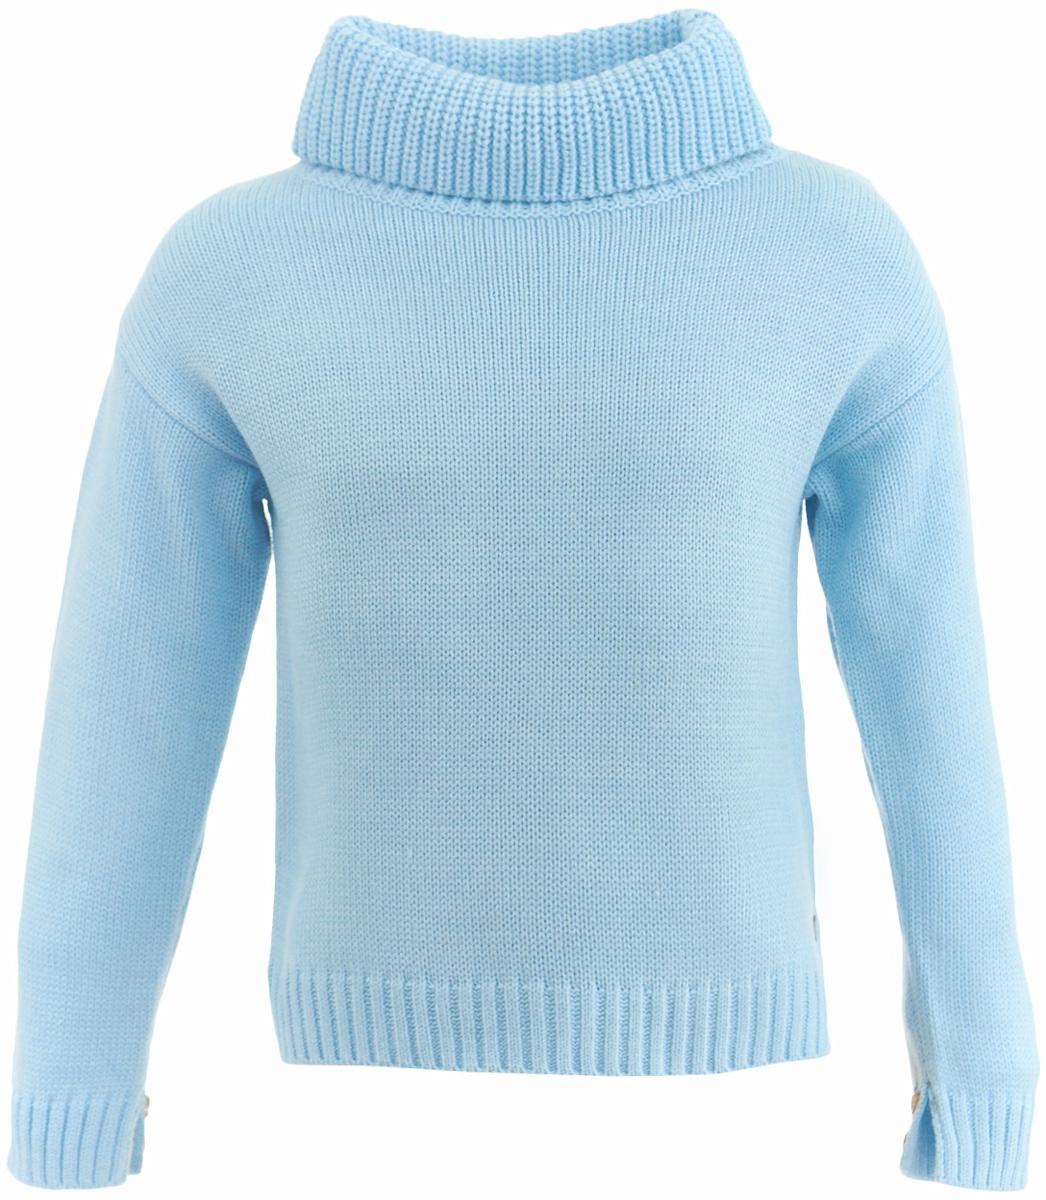 Свитер для девочки Button Blue, цвет: голубой. 217BBGC35041800. Размер 110, 5 лет217BBGC35041800Купить модный свитер для девочки - задача не из простых. А купить модный свитер недорого еще сложнее! Ведь он должен не только согревать, но и быть стильным, интересным, формируя зимний образ ребенка. Детский свитер от Button Blue - достойное и выгодное приобретение. Мягкая пряжа, свободный прямой силуэт, боковые разрезы делают свитер привлекательным. Вязаный свитер - отличный вариант для тех, кто ценит тепло, уют и комфорт.